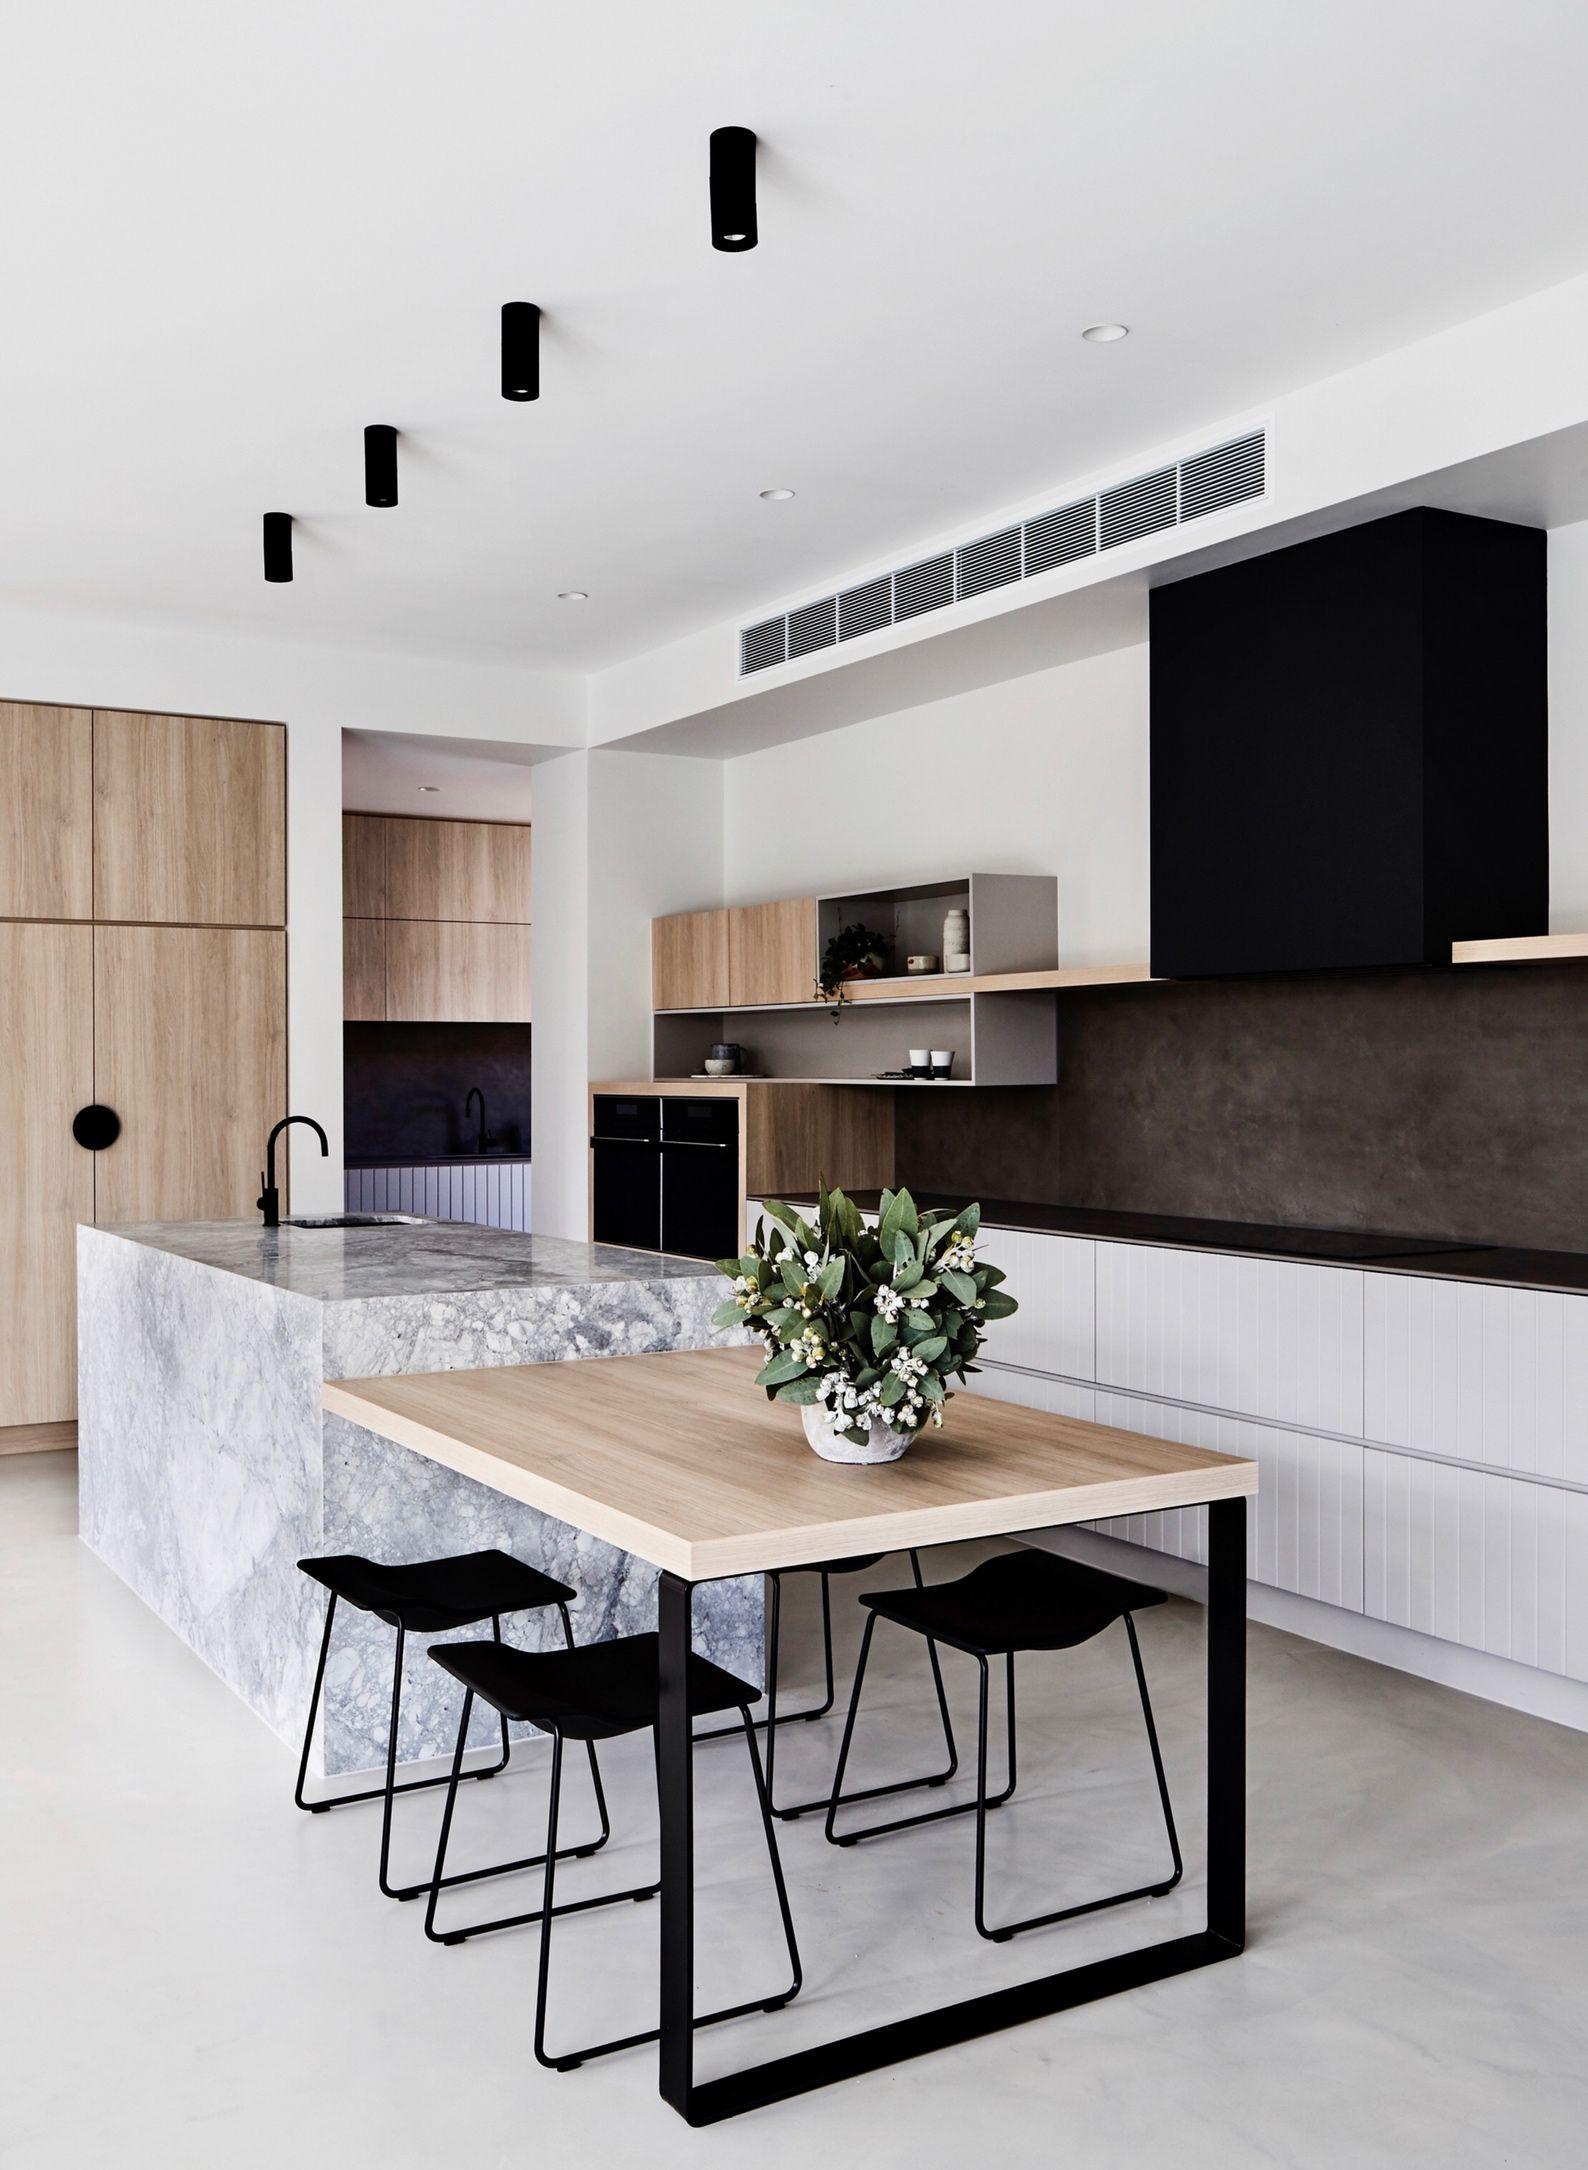 Wandindeling | kitchen | Pinterest | Küche, Wohnraum und Raumgestaltung